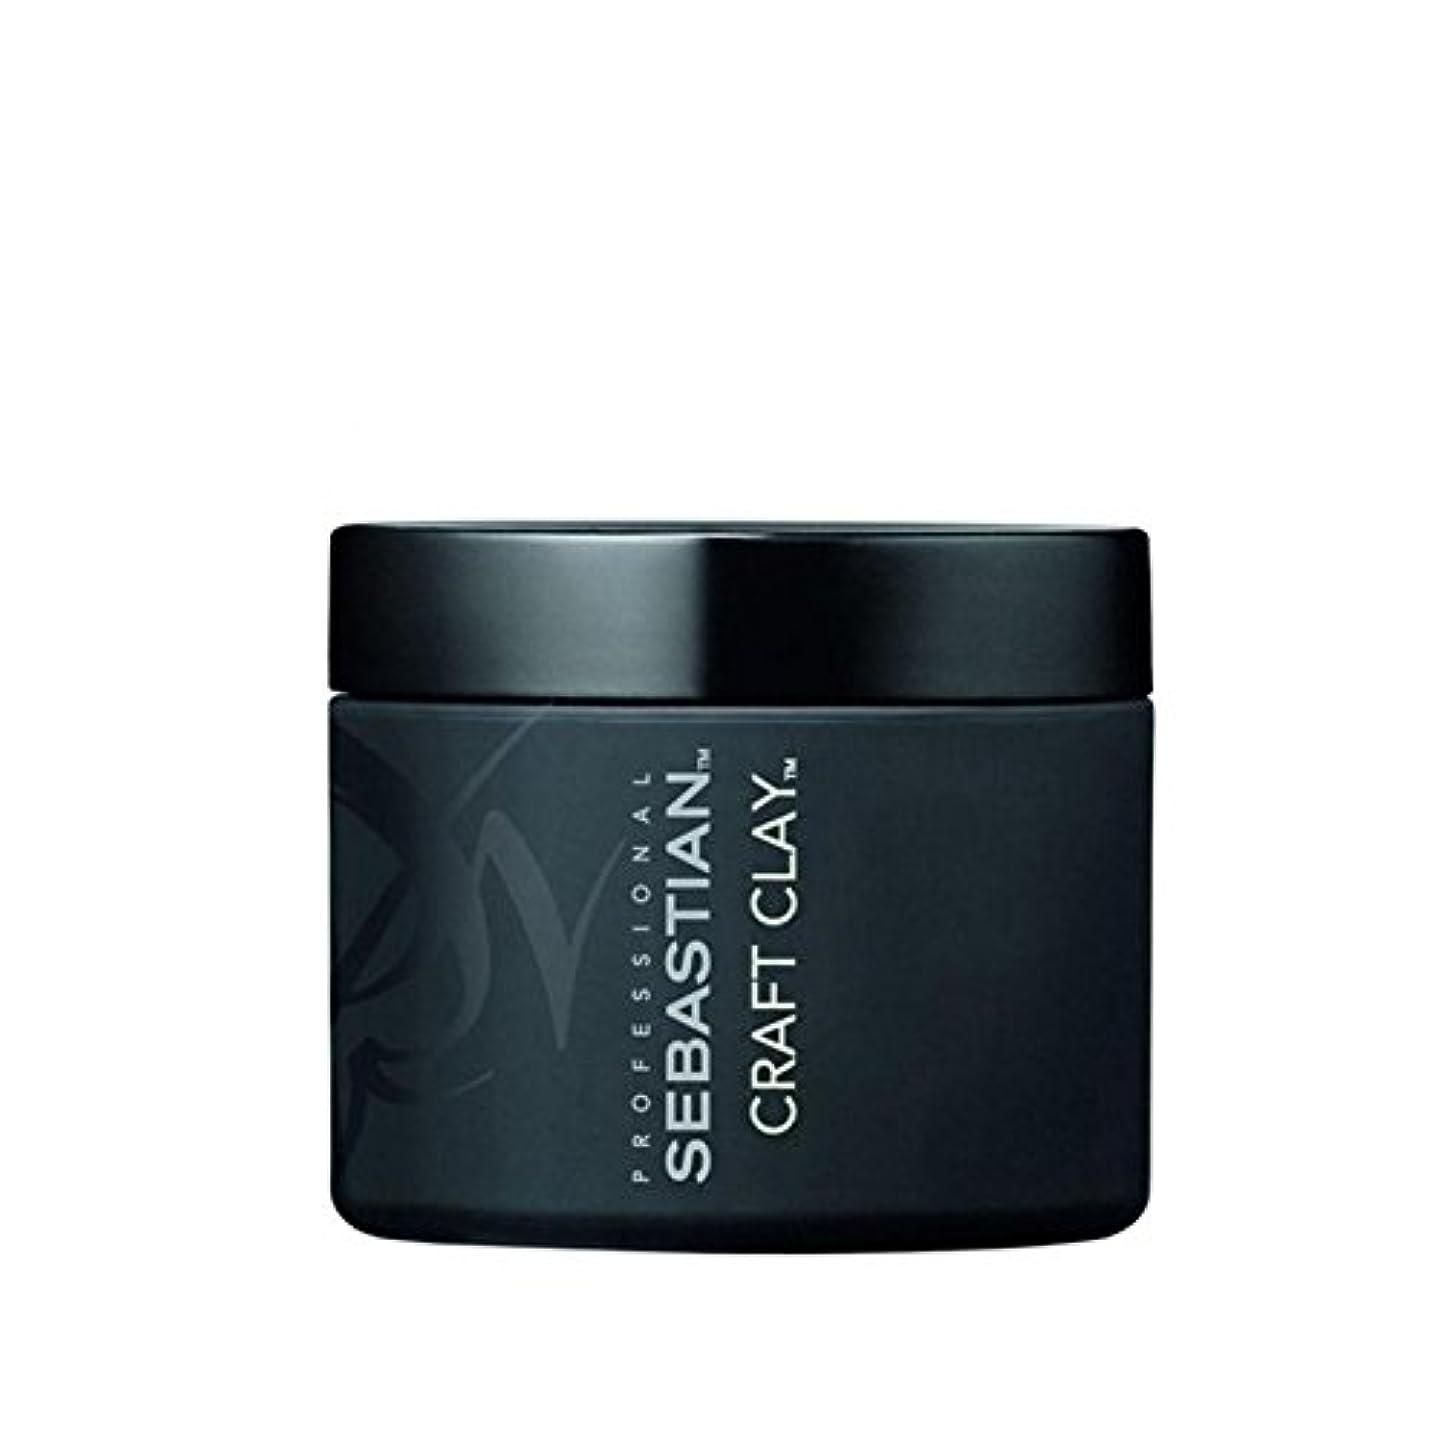 鏡ペレグリネーション物理セバスチャン専門のクラフトクレイ(50グラム) x4 - Sebastian Professional Craft Clay (50G) (Pack of 4) [並行輸入品]